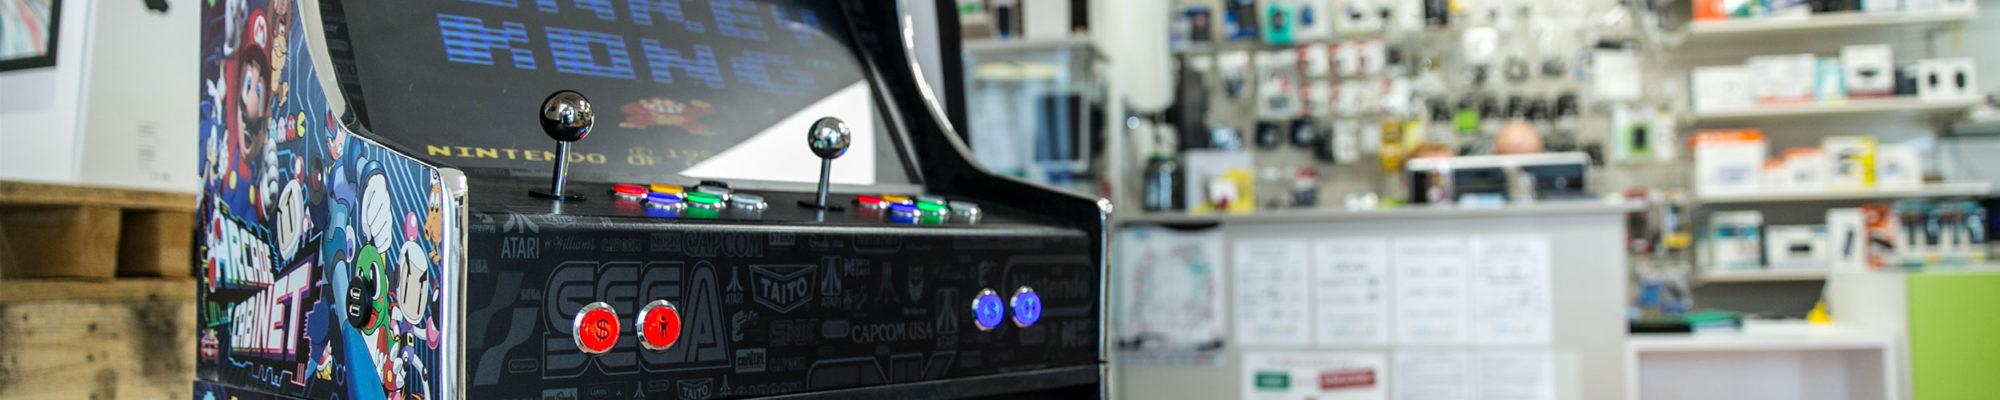 Fabrication sur-mesure de borne d'arcade en Maine-et-Loire